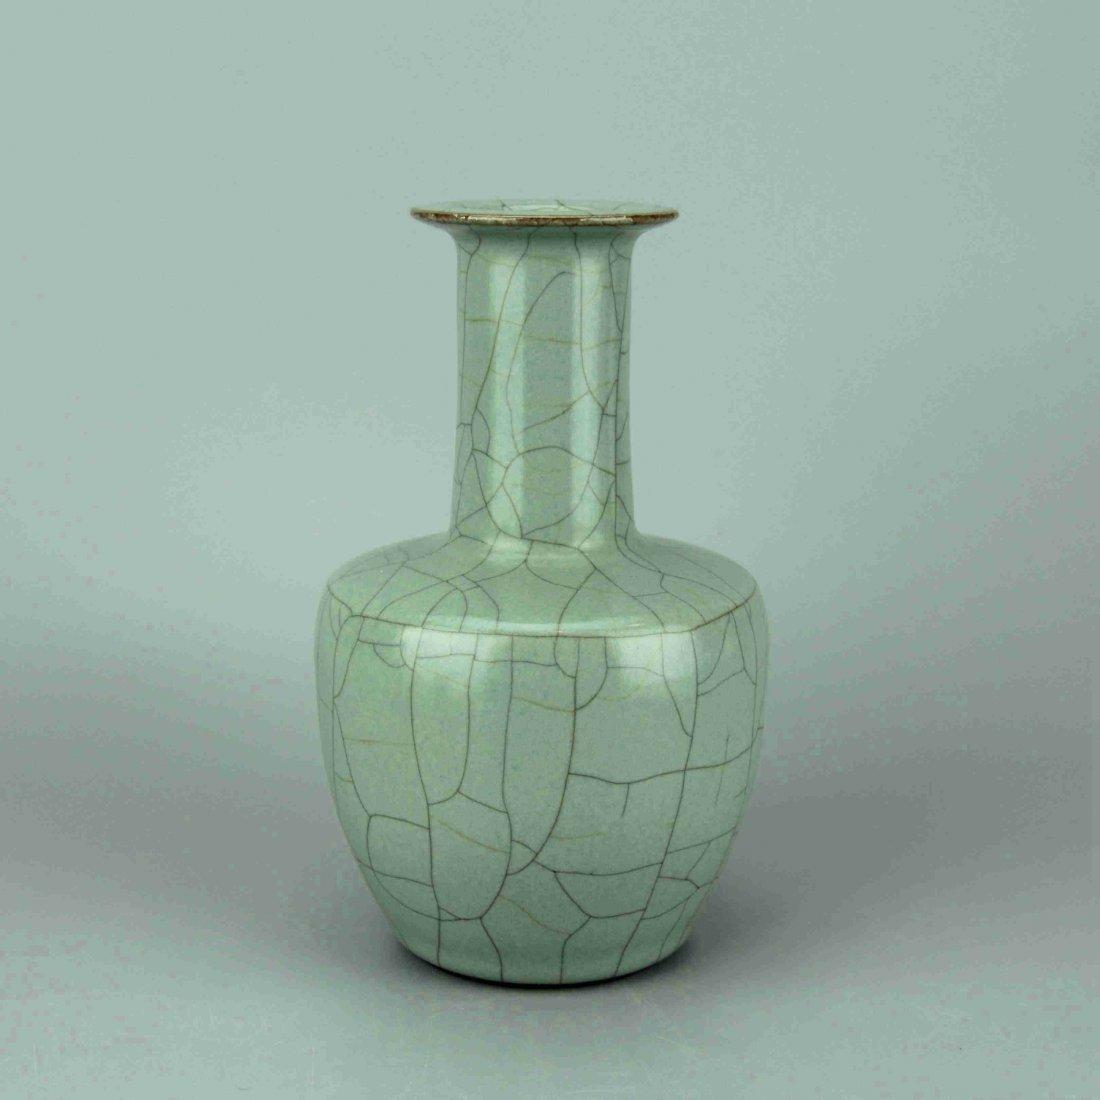 Chinese Crackle Celadon Glaze Porcelain Vase